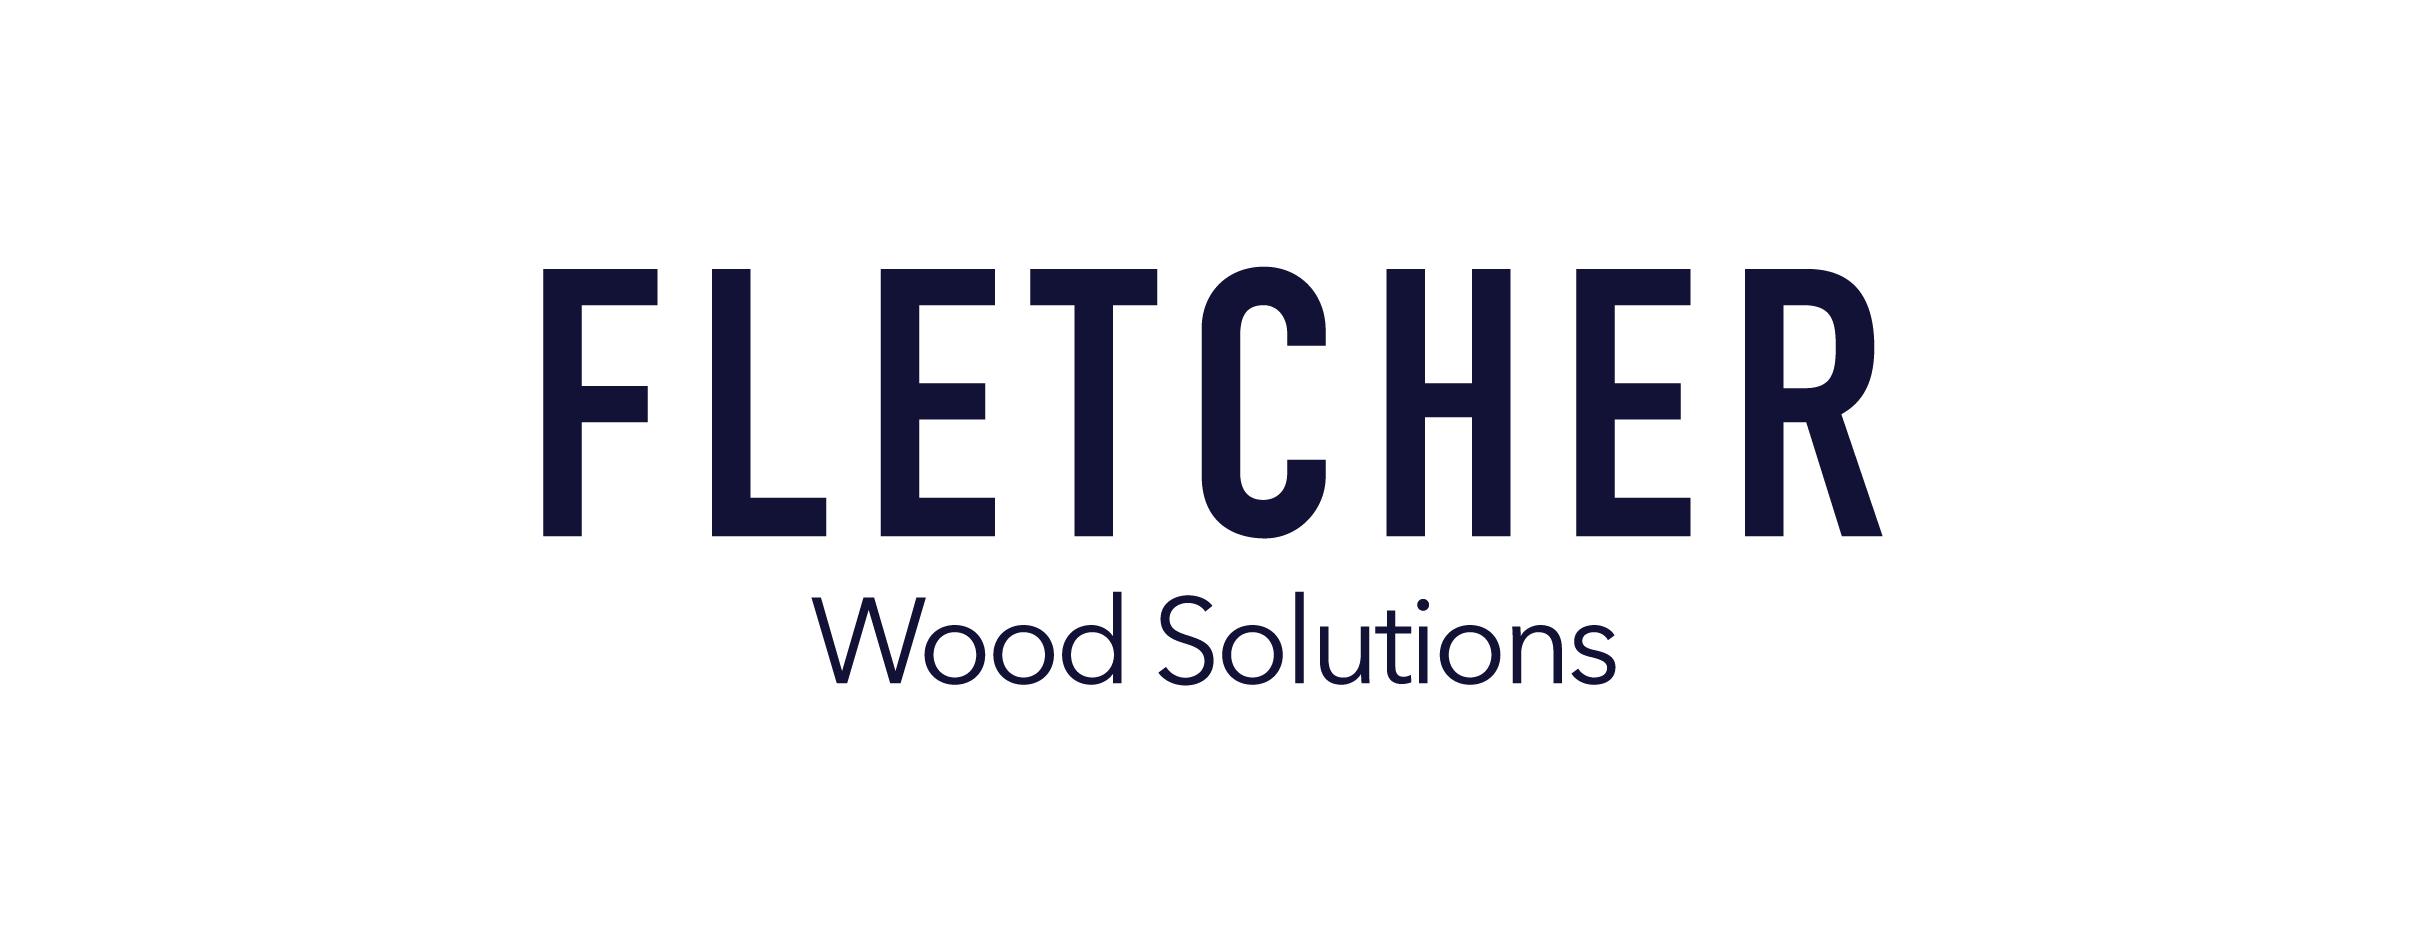 Fletcher_Logo_Text-Only-Blue-01.png